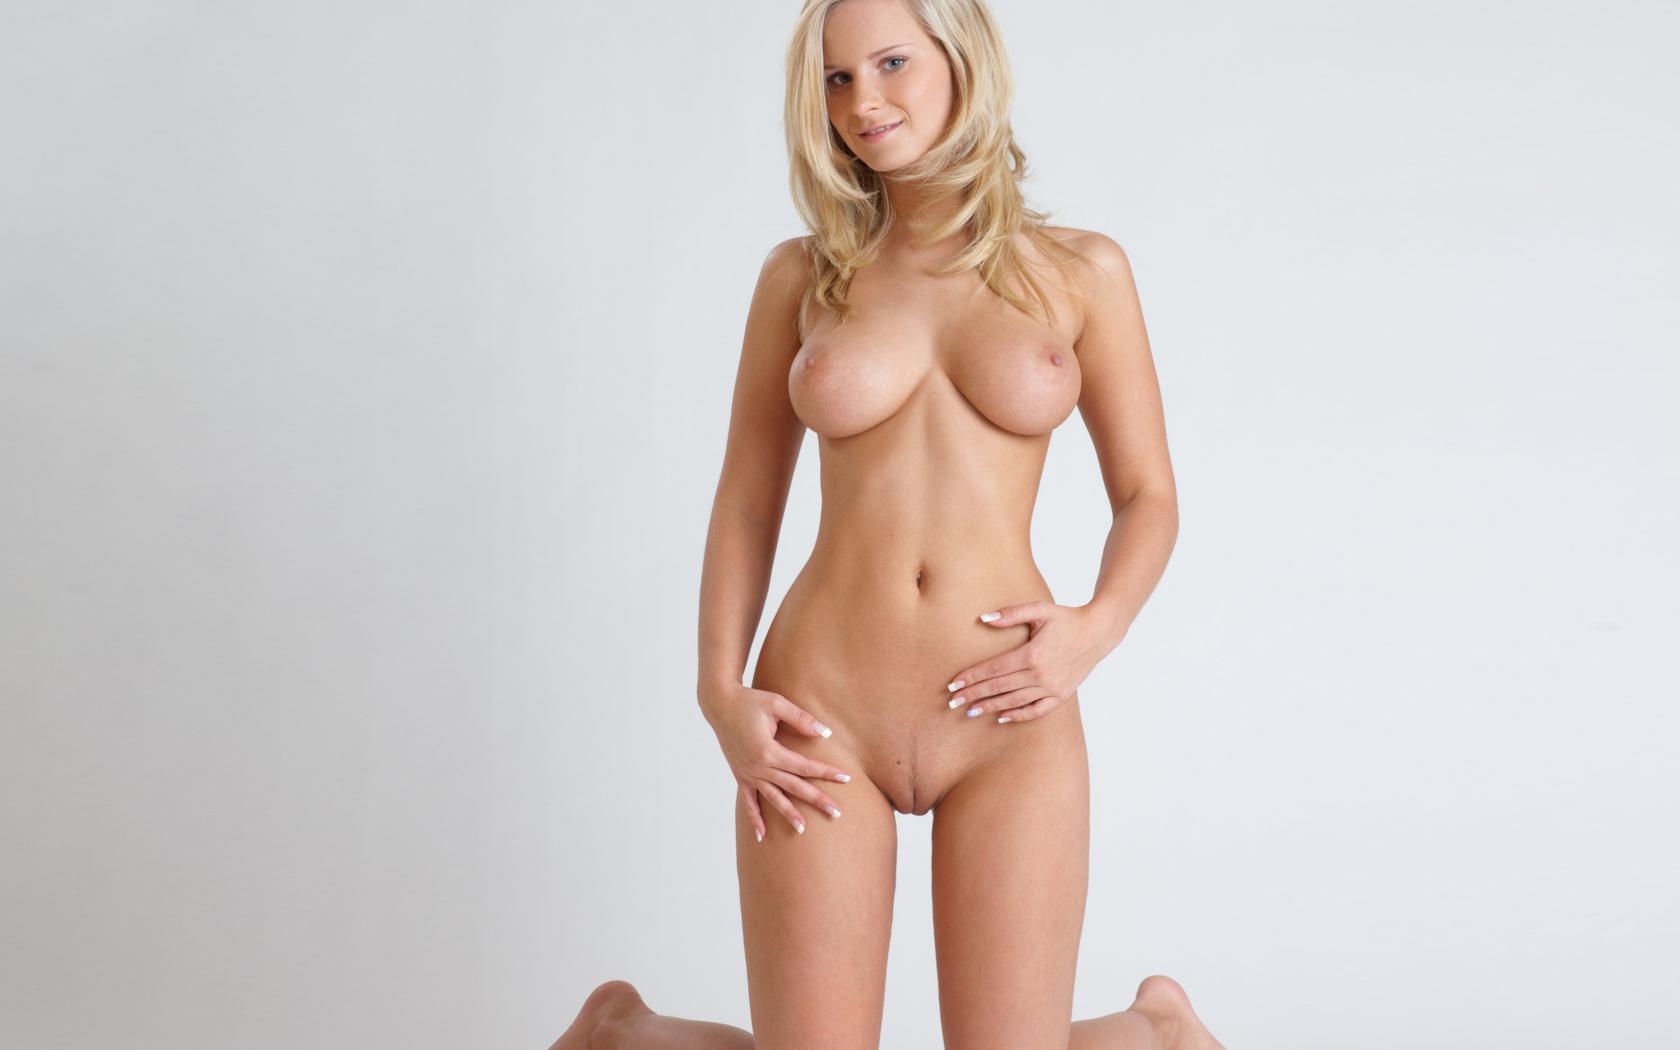 Hot blond milf nude